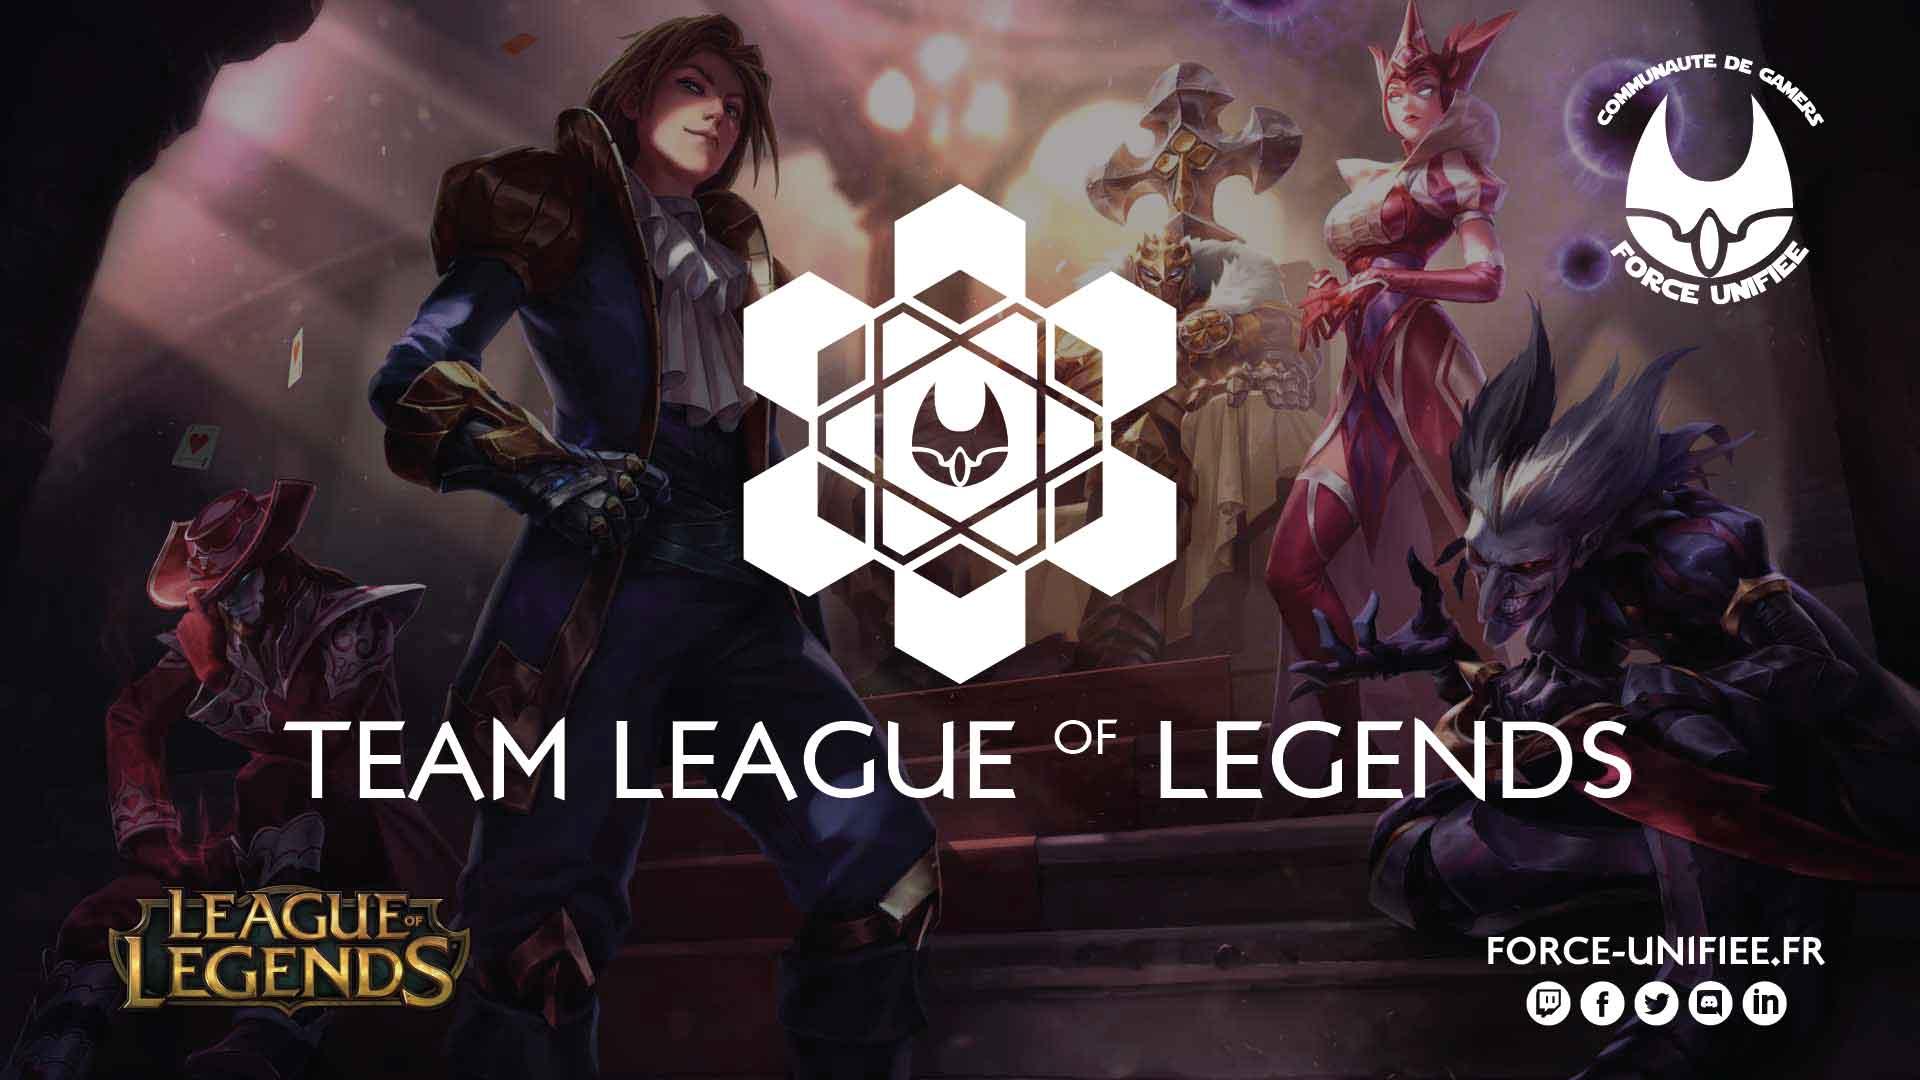 La team League of Legends